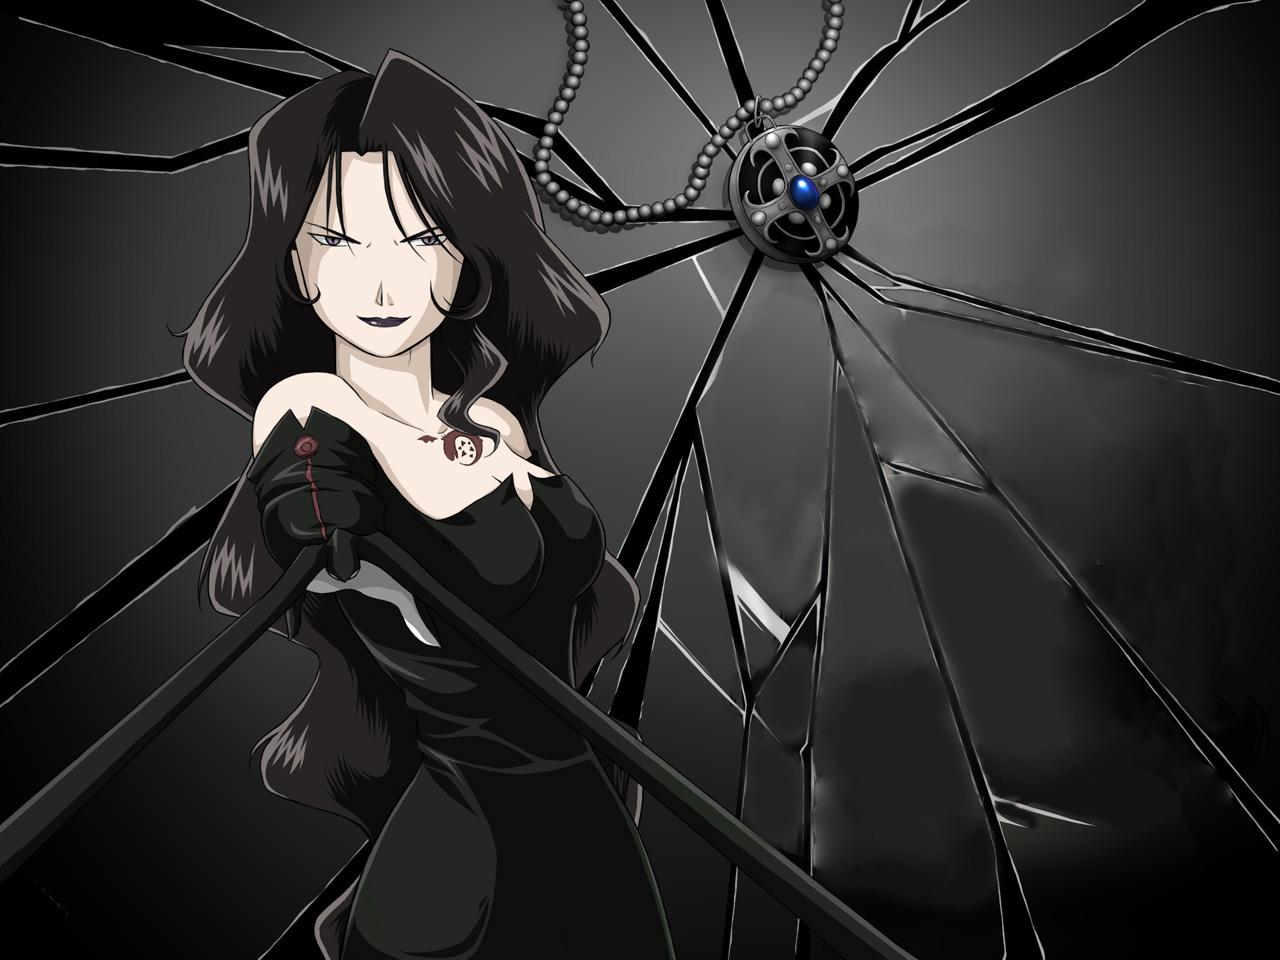 Lust from Fullmetal Alchemist: Brotherhood - IllusionDolls ...